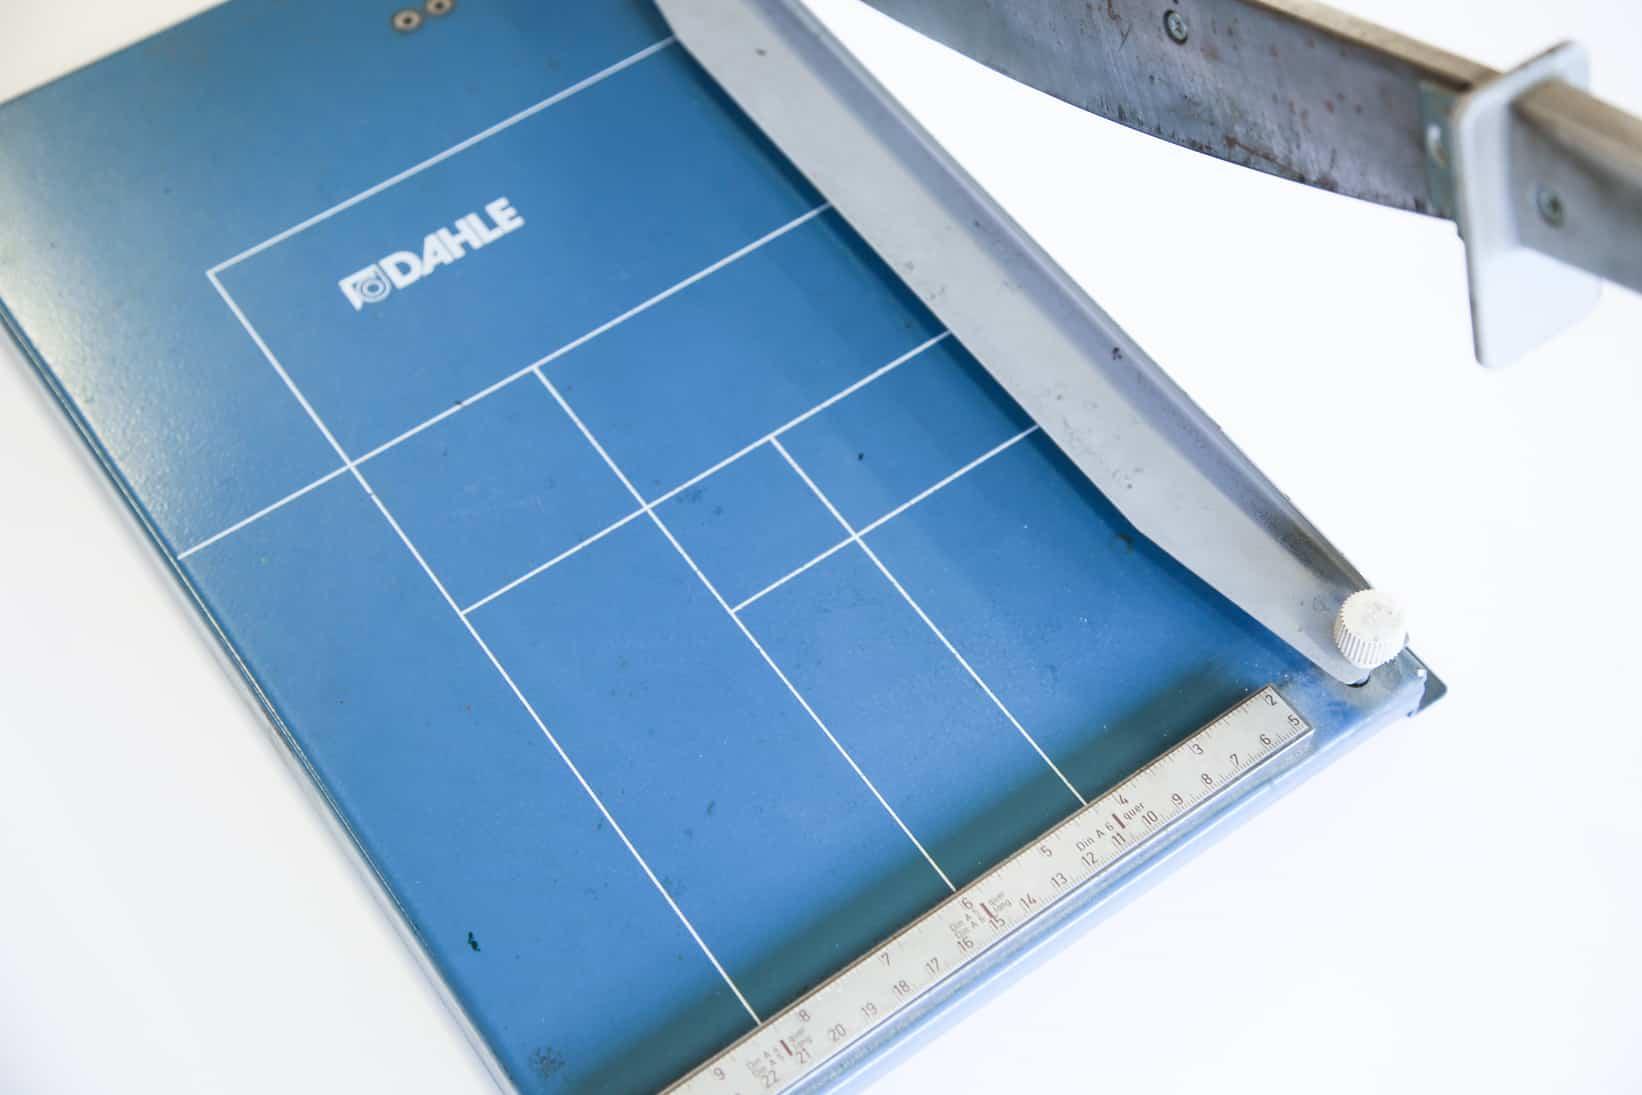 Taglierina normale per carta, al taglio. Tipografia Unione, Vicenza.